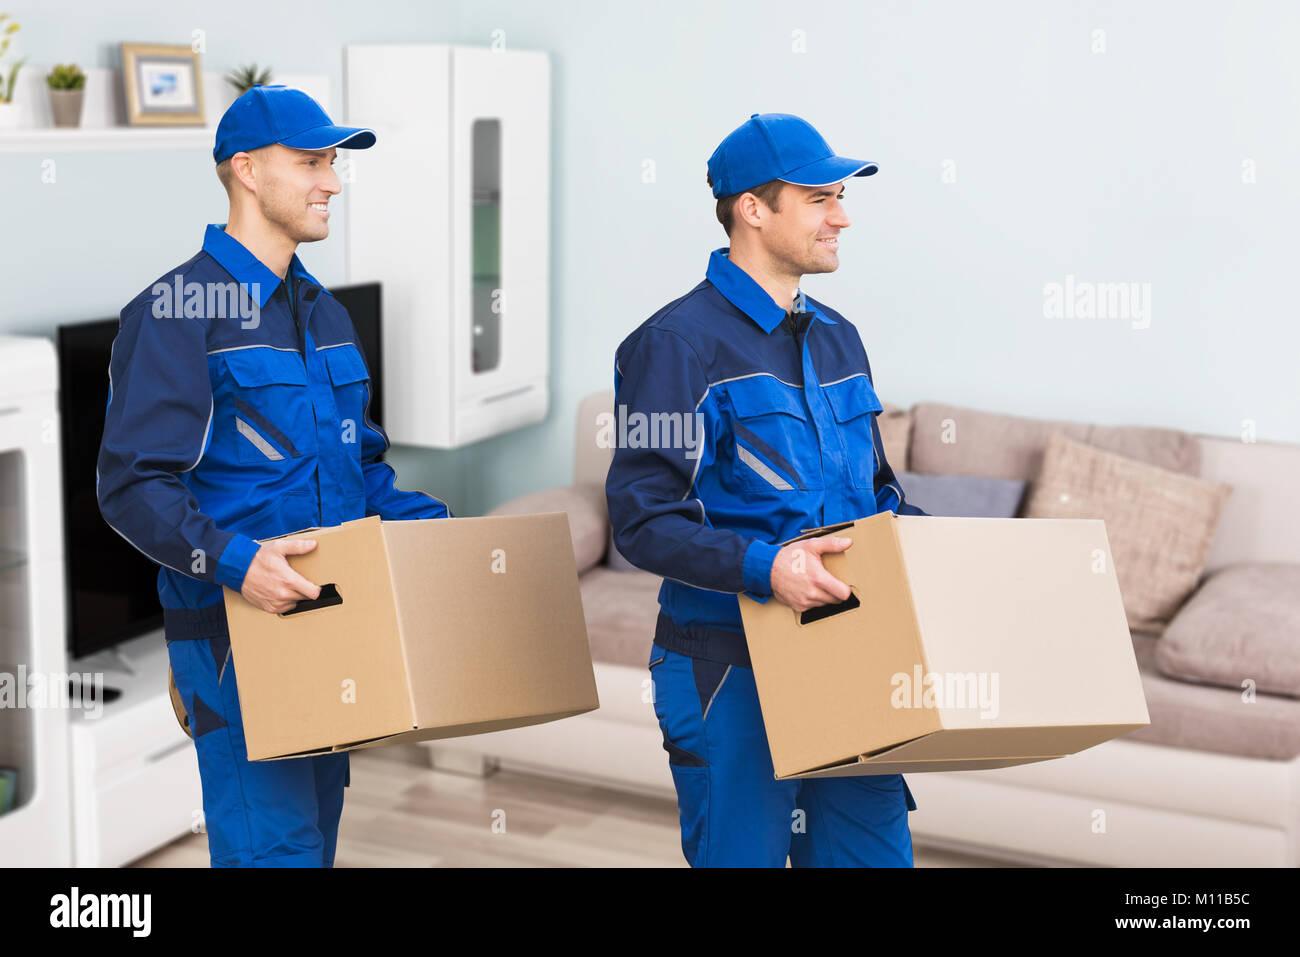 Young Smiling déménageurs professionnels en uniforme La livraison de boîtes de carton dans la salle Photo Stock